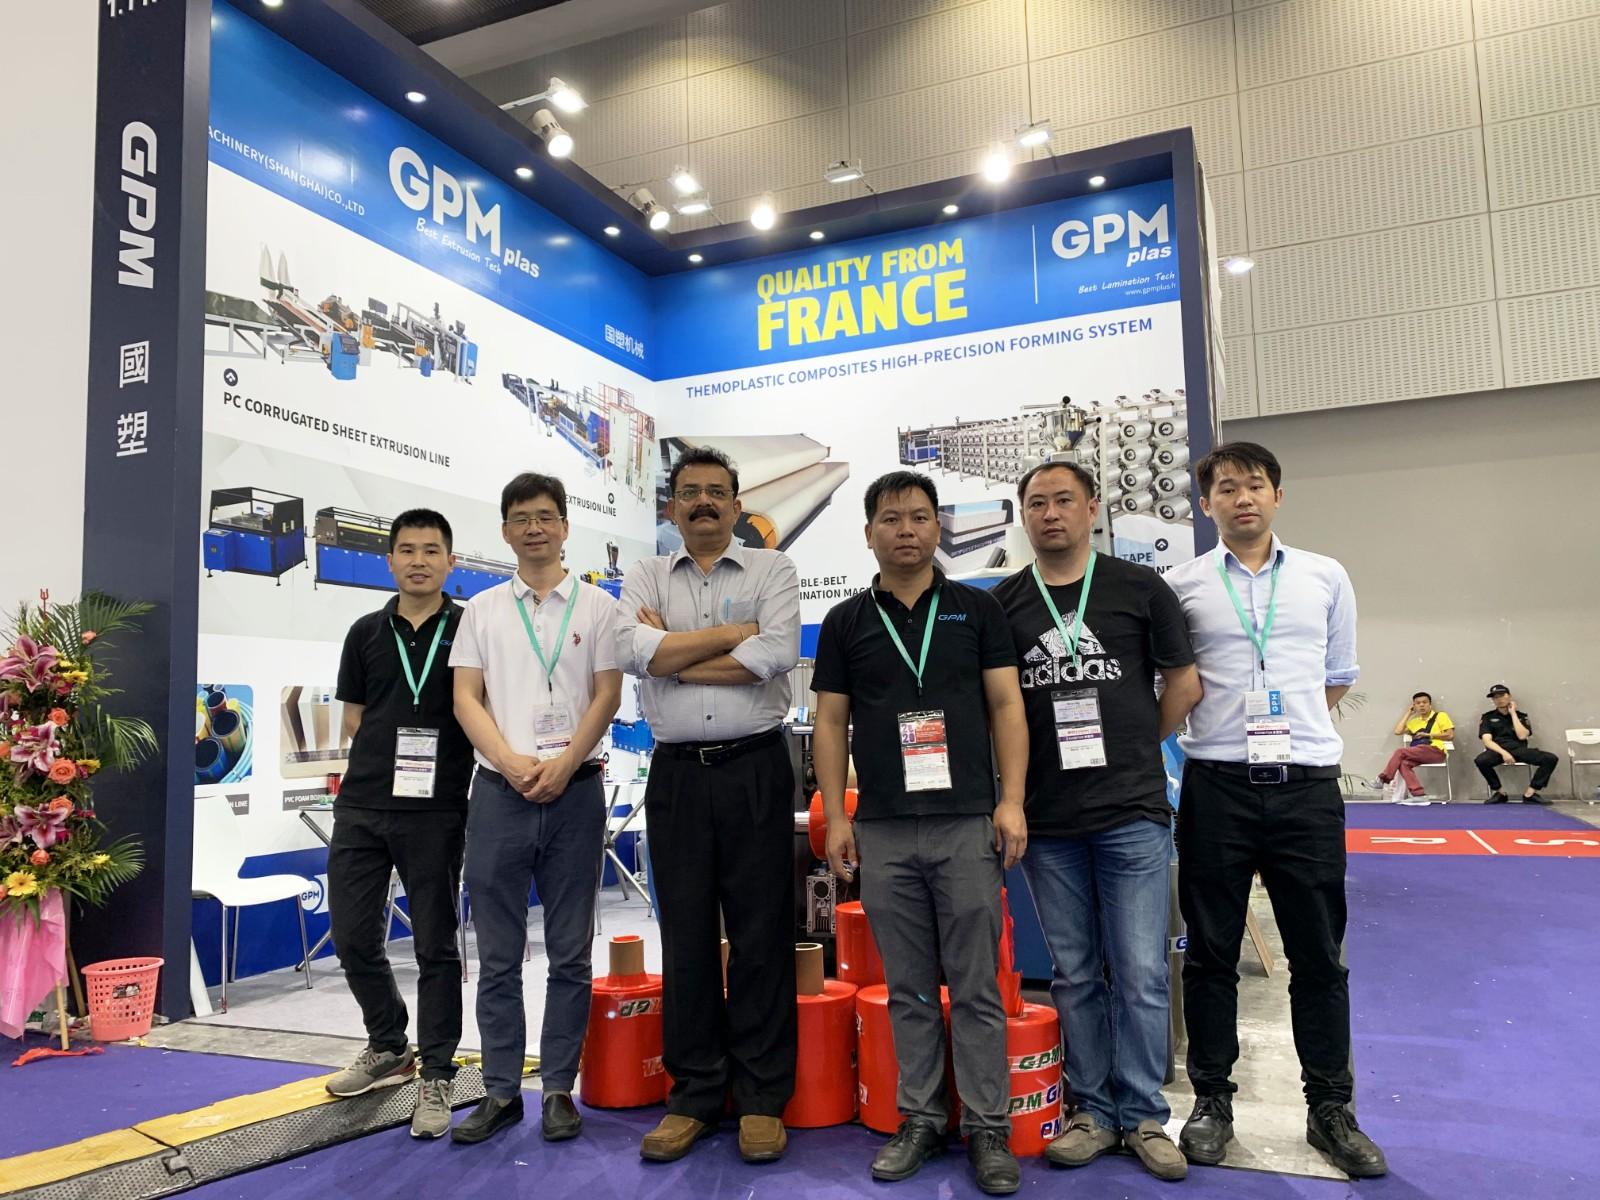 Chinaplas 2019-GPM-1.1R01